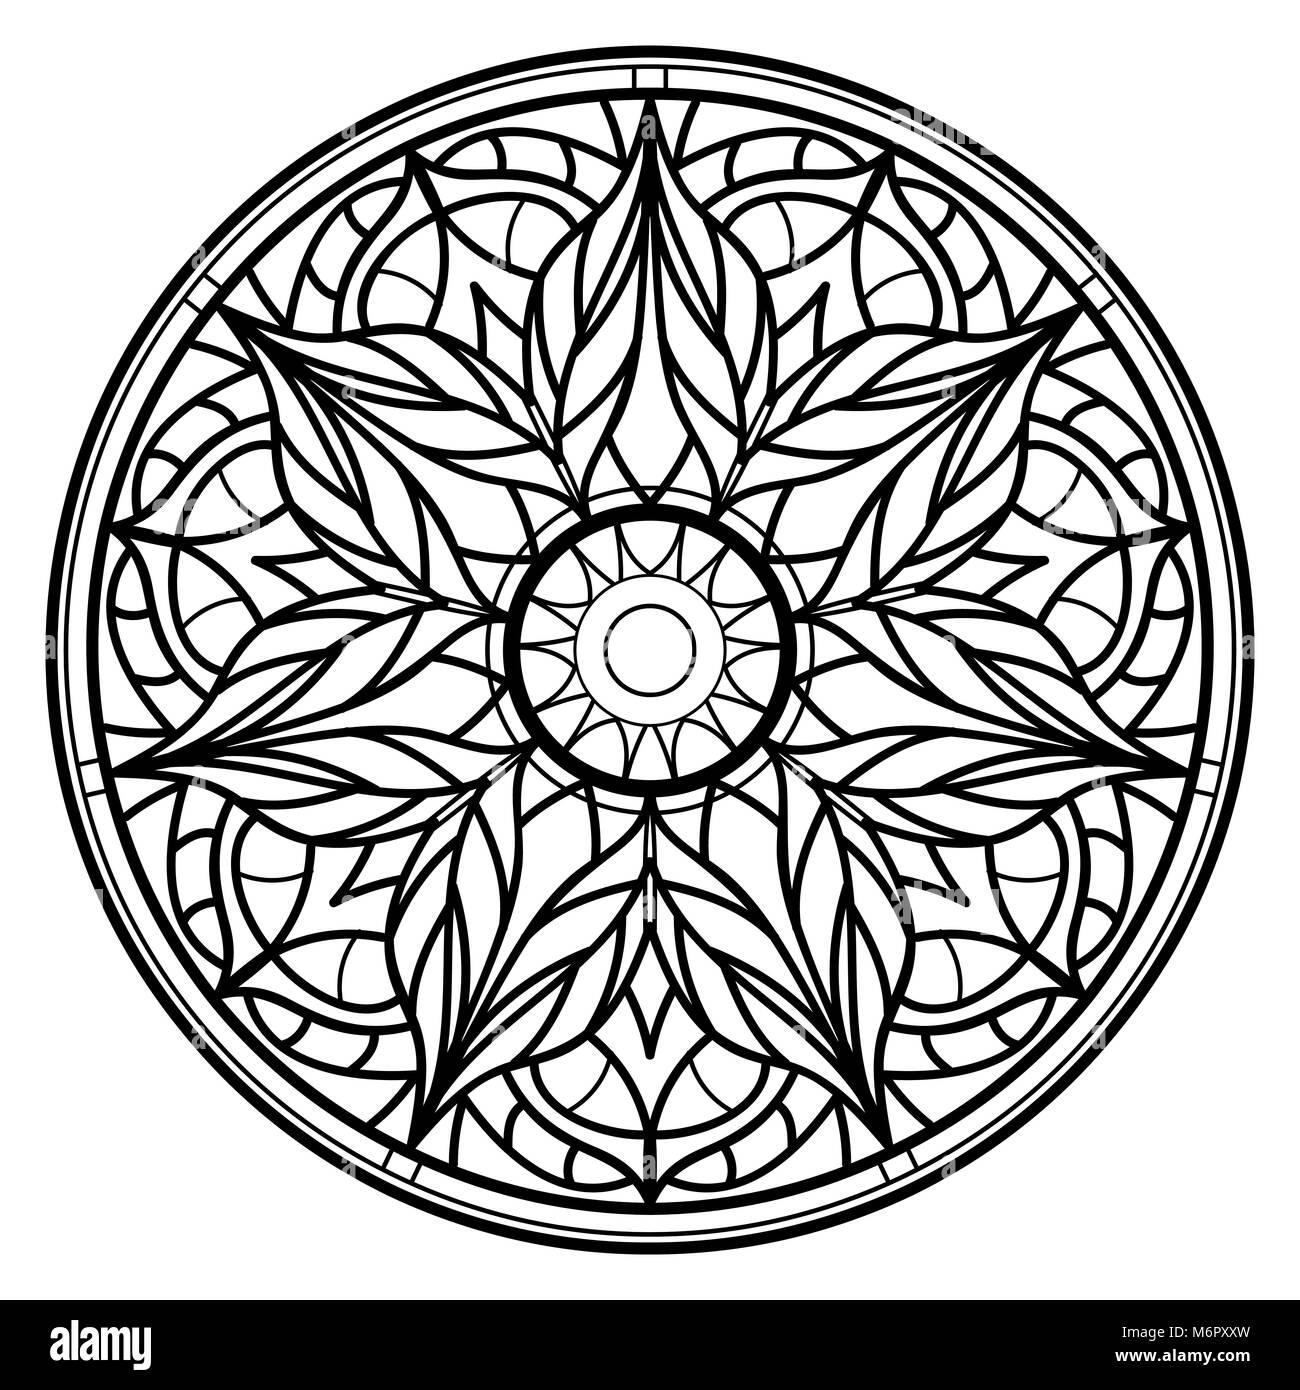 Mandalas Zum Ausmalen Dekorative Runde Verzierungen Ungewohnliche Blume Orientalische Vector Anti Stress Therapie Muster Webart Design Elemente Yo Stock Vektorgrafik Alamy